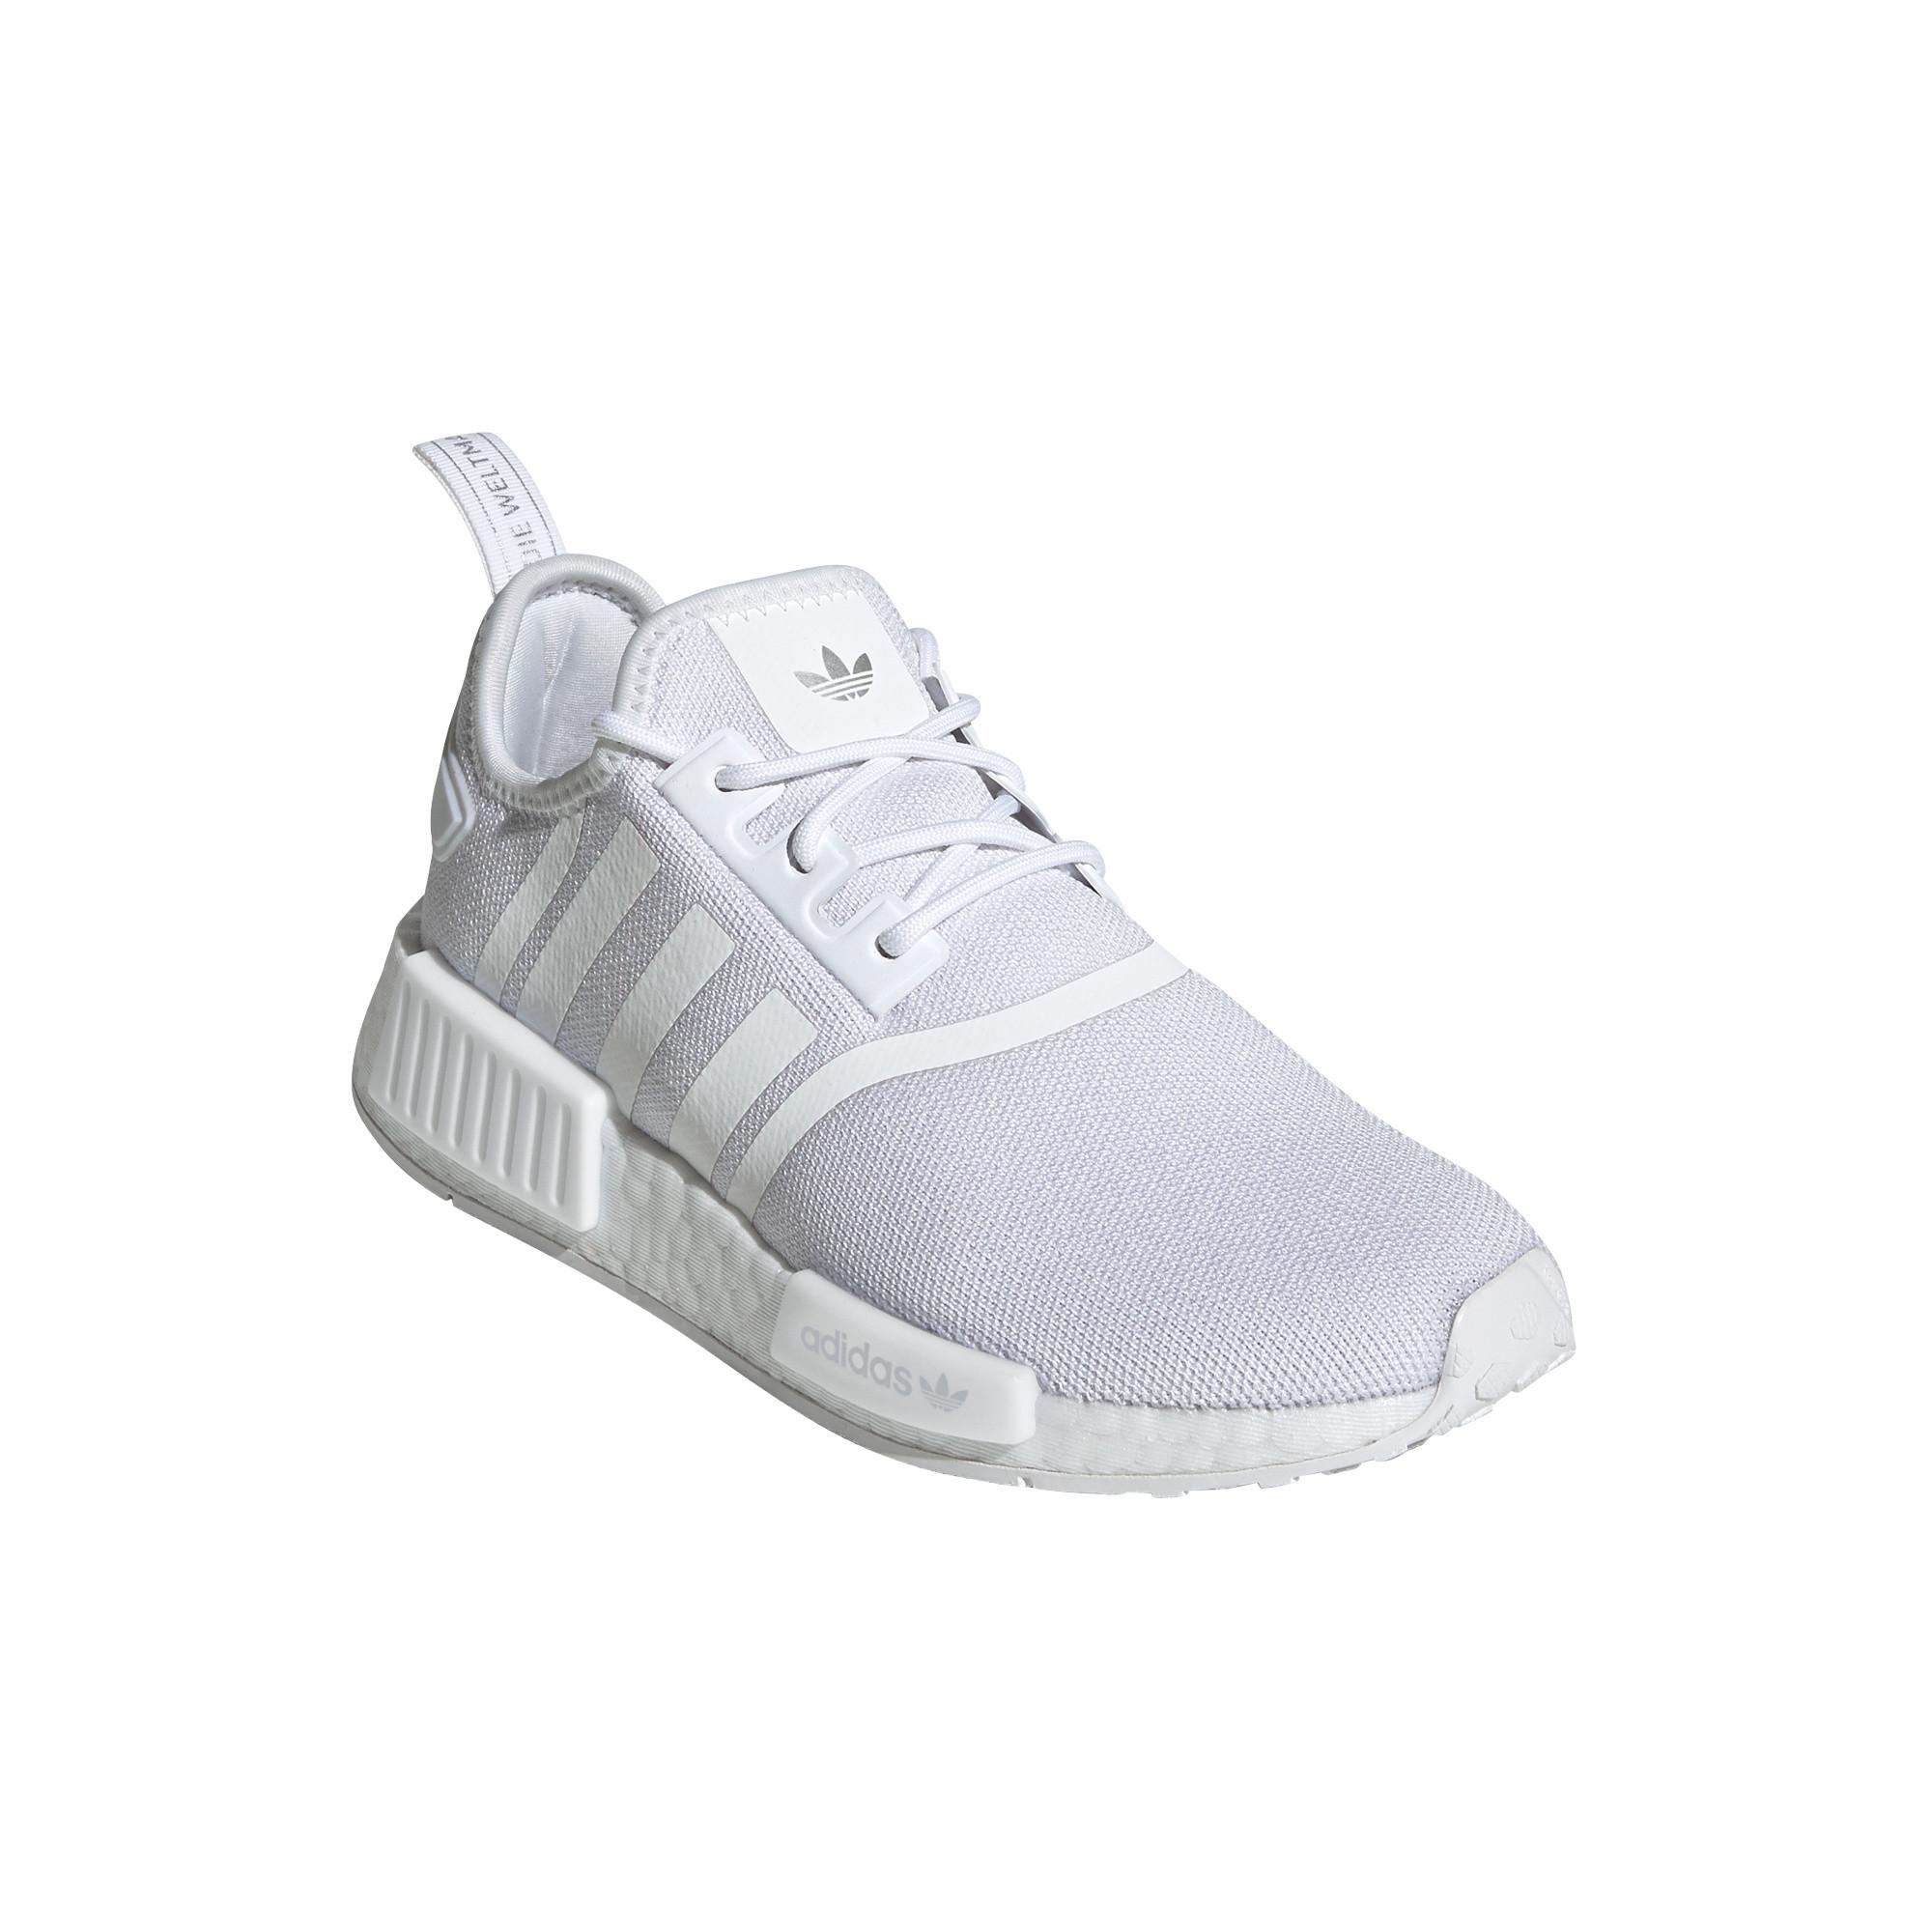 Scarpe donna Adidas Originals NMD_R1 Primeblue, Bianco/Grigio, large image number 0